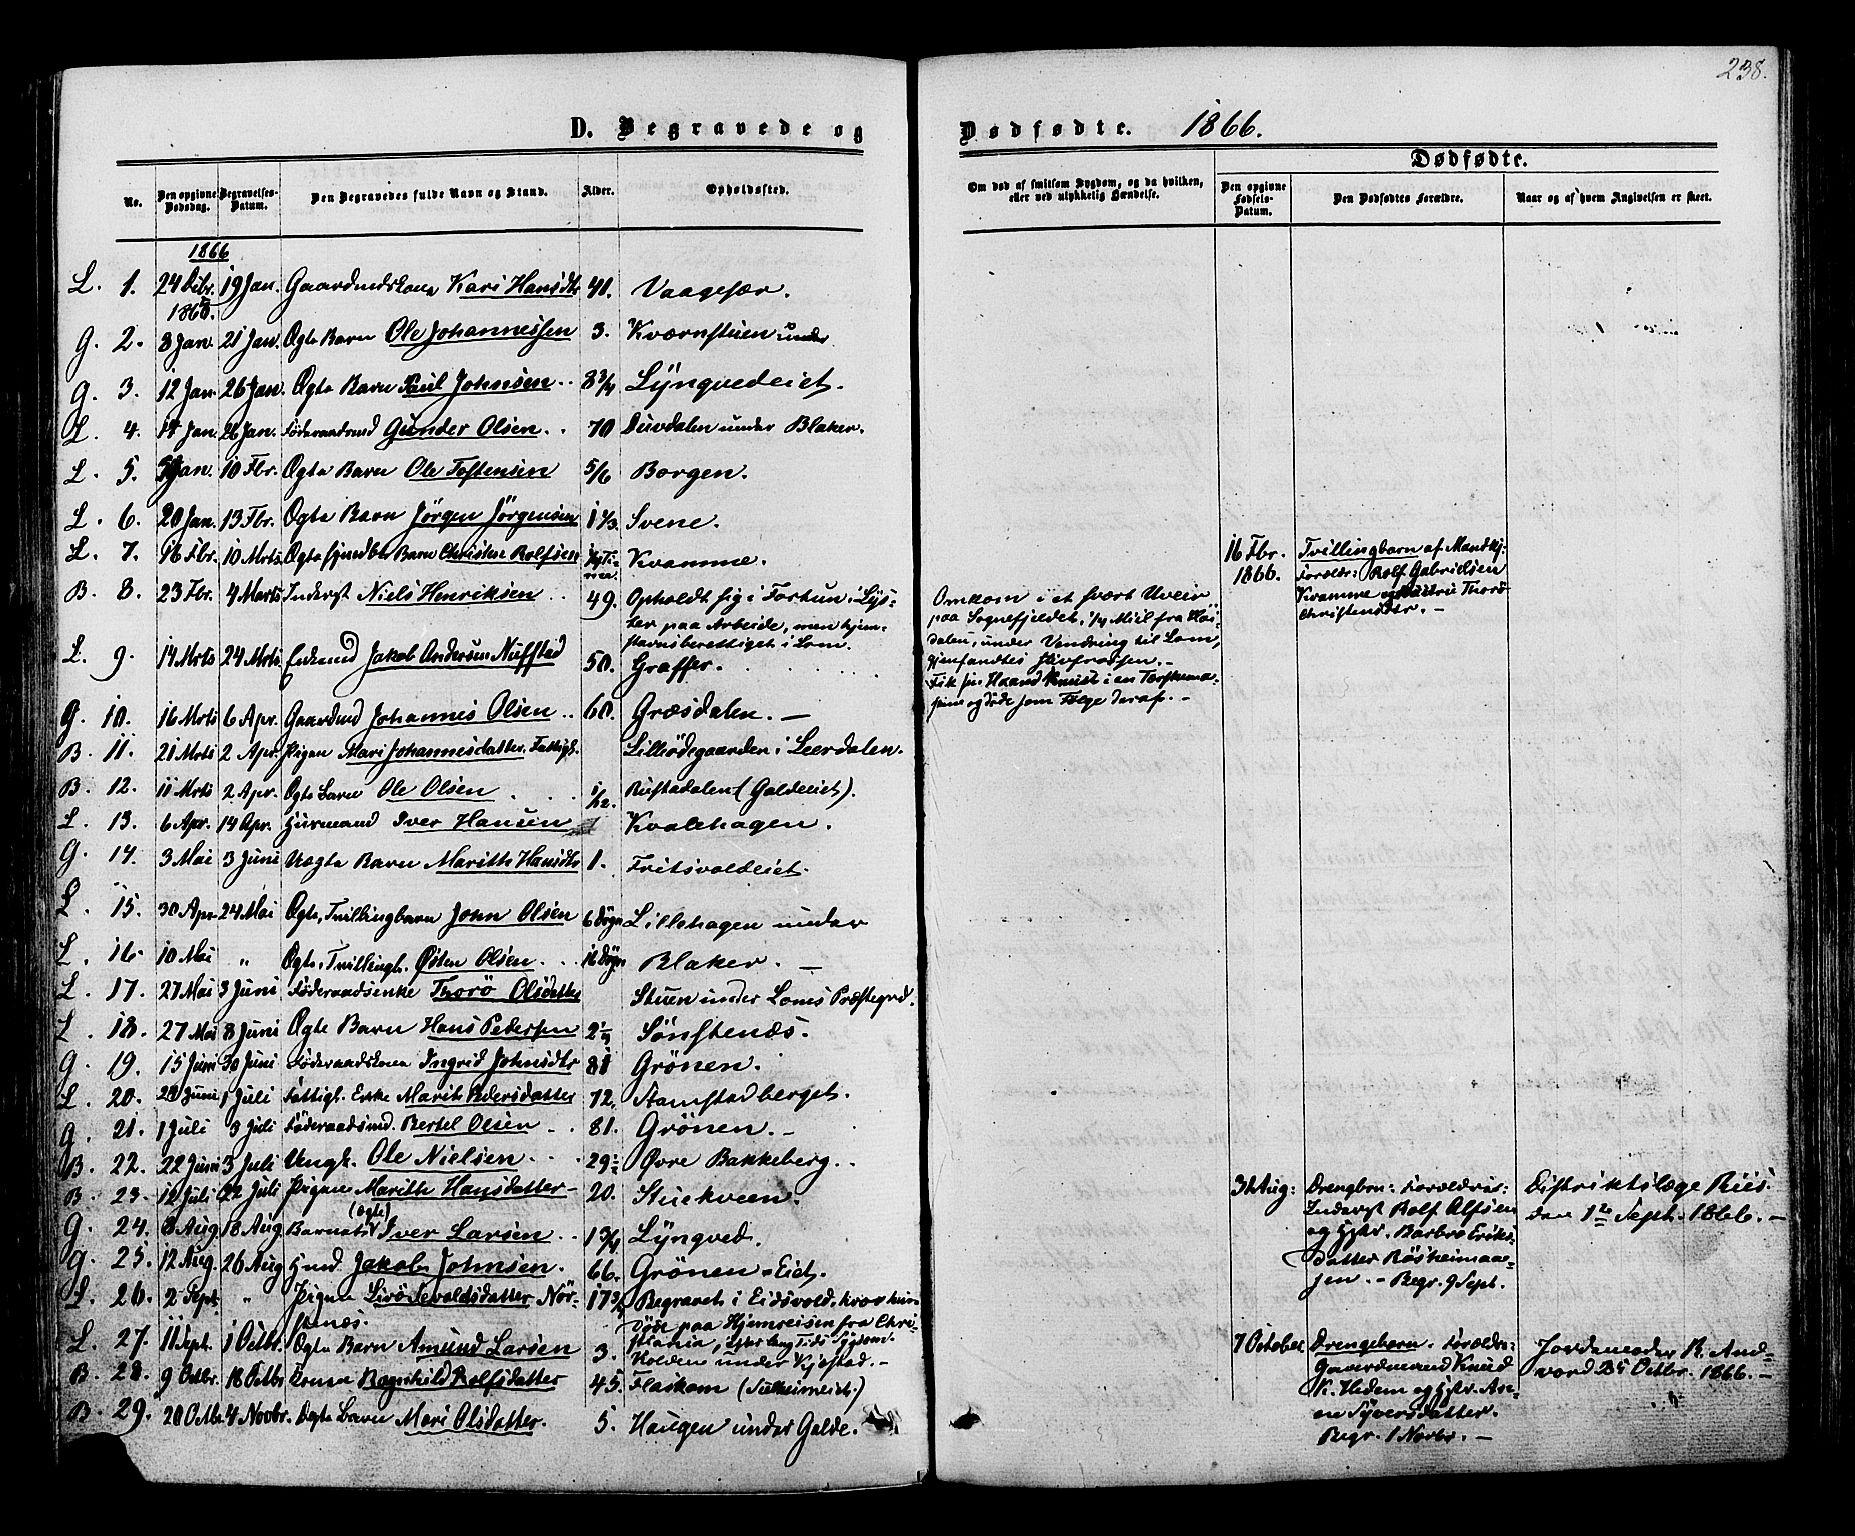 SAH, Lom prestekontor, K/L0007: Ministerialbok nr. 7, 1863-1884, s. 238